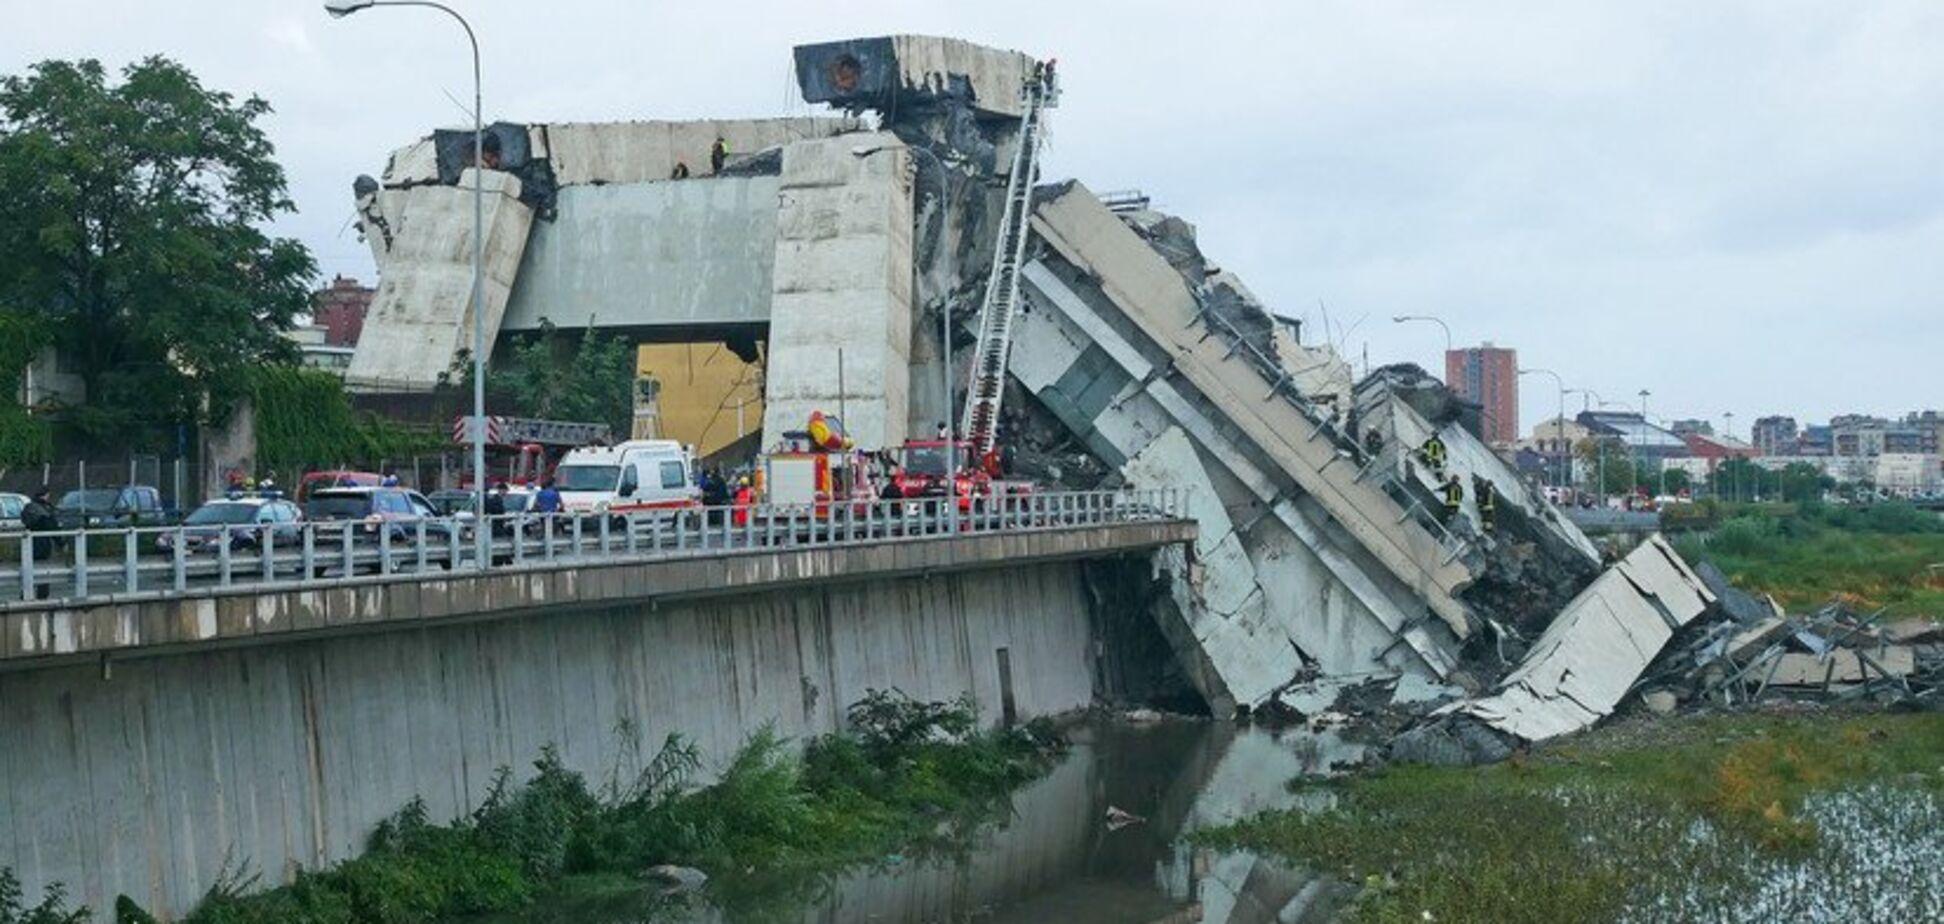 Трагедія в Генуї: поліція показала відео обвалу моста